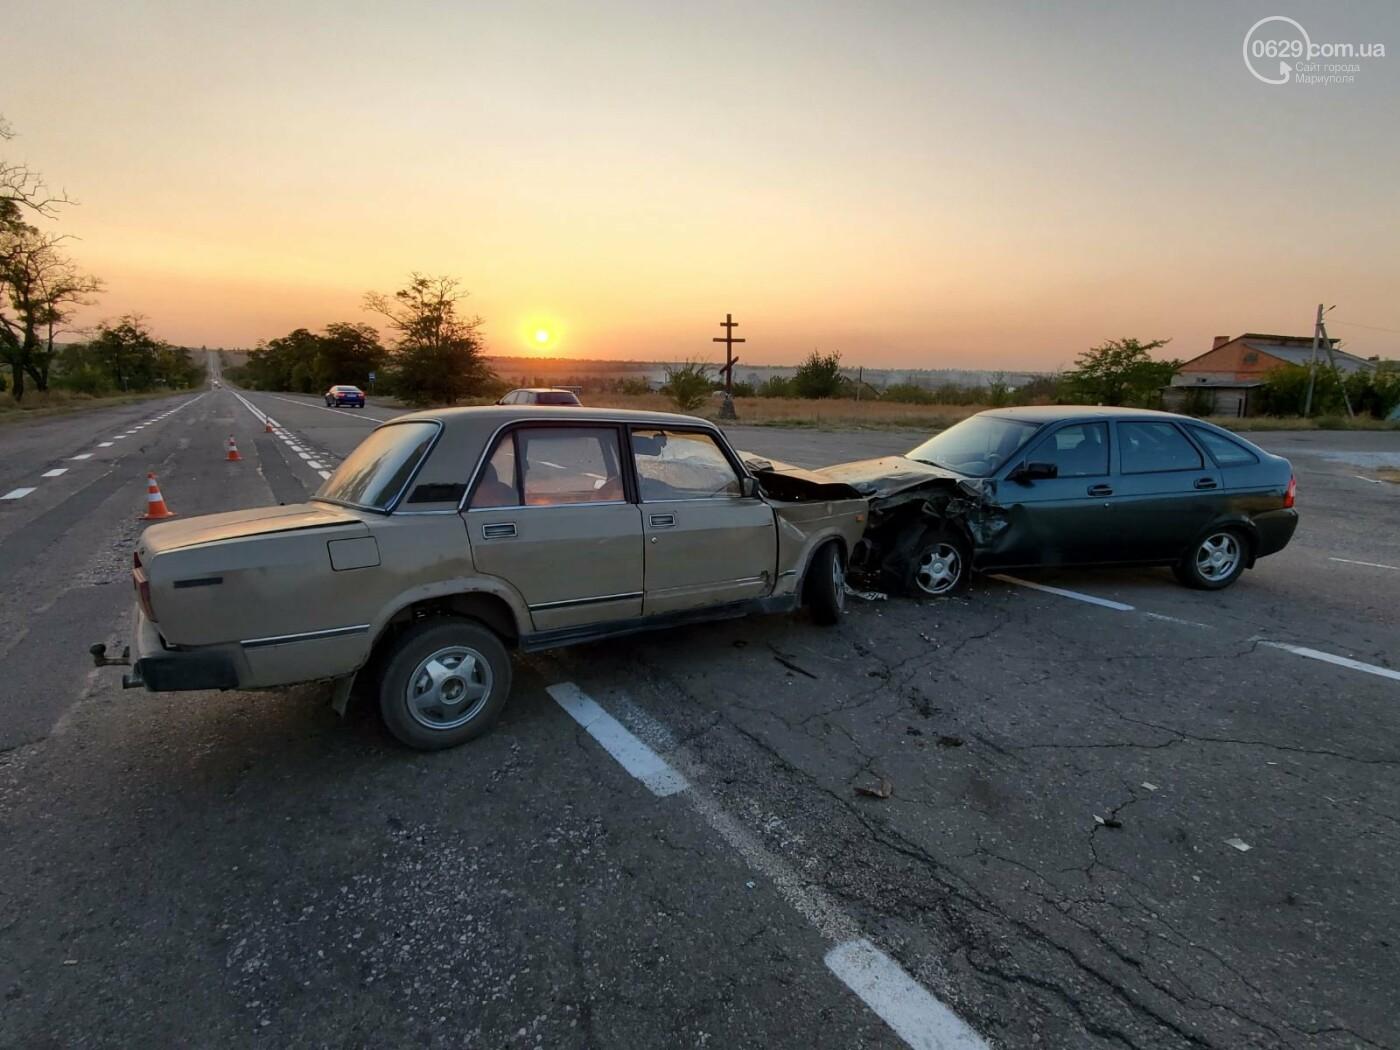 На трассе под Мариуполем «ВАЗ» протаранил «Lada Priora»,  - ФОТО, фото-4